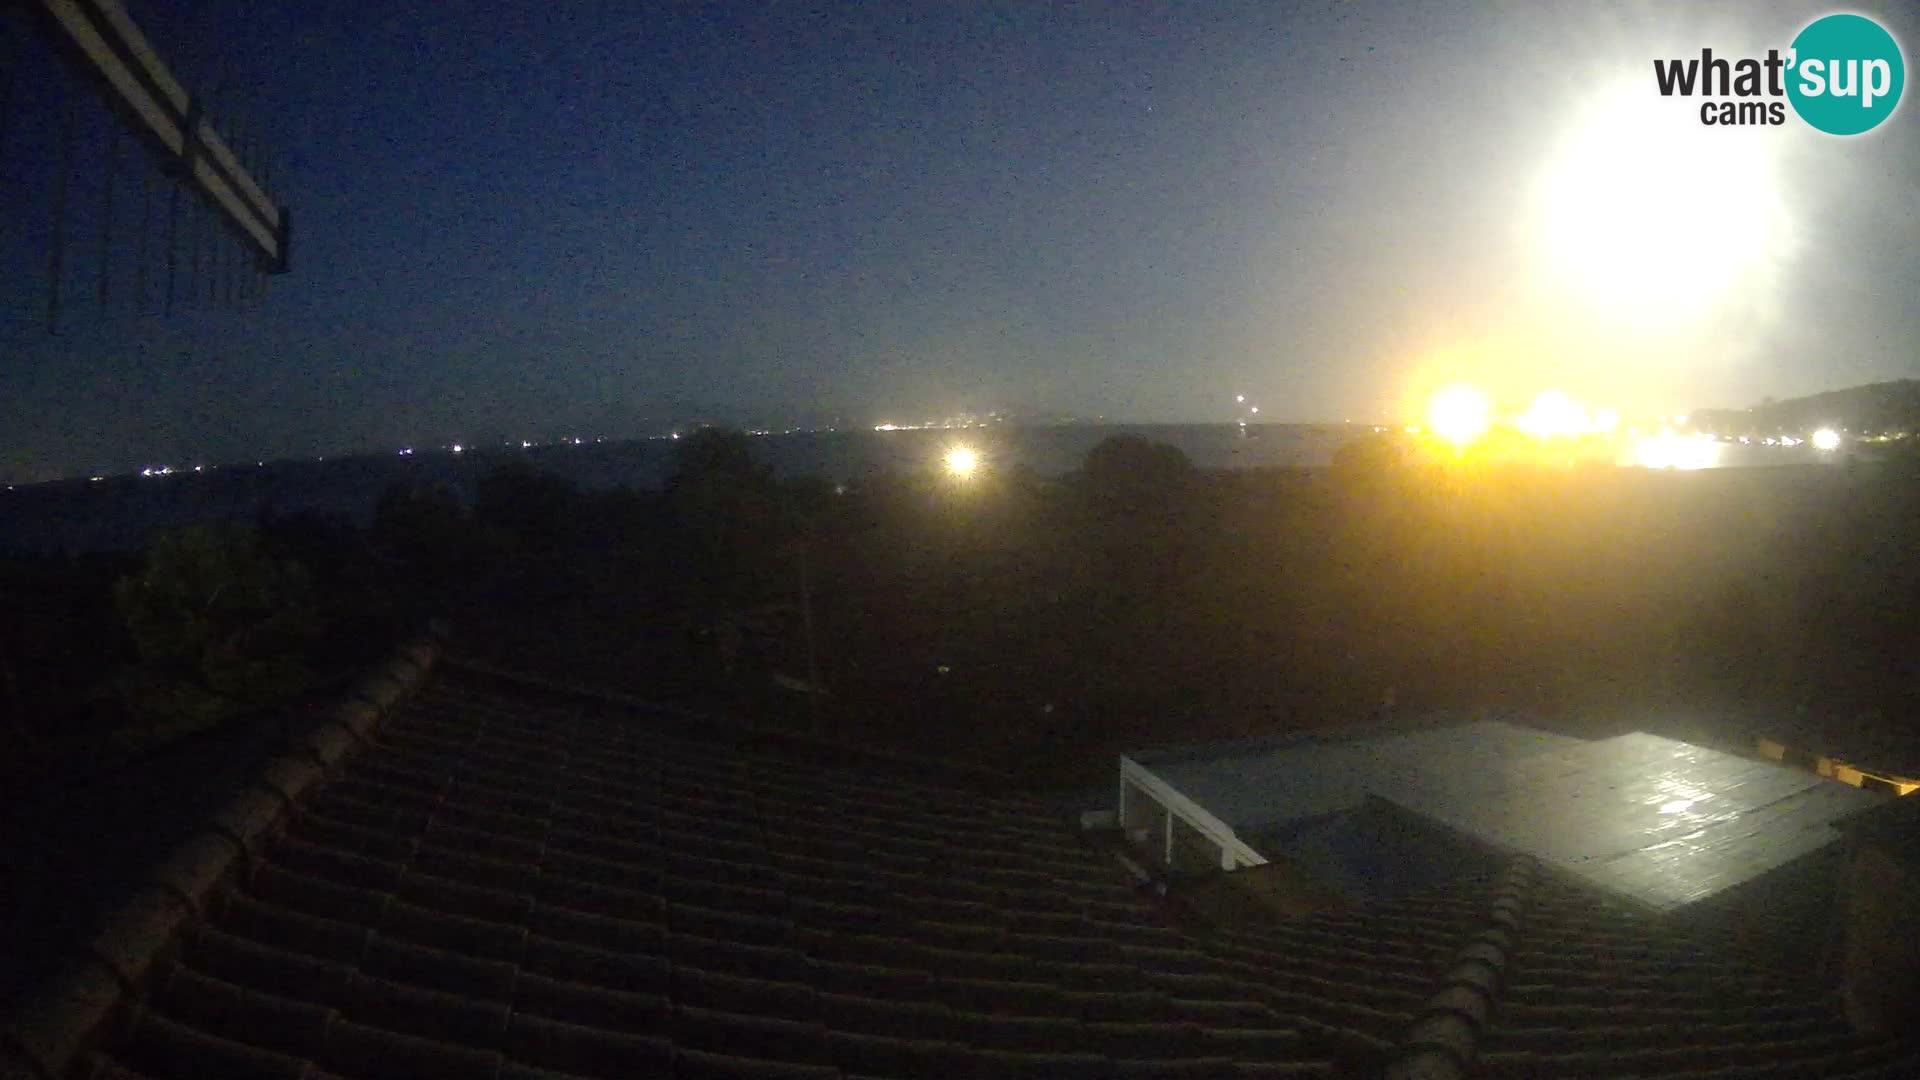 Spletna kamera Talamone Orbetello – Toskana – pogled na zaliv